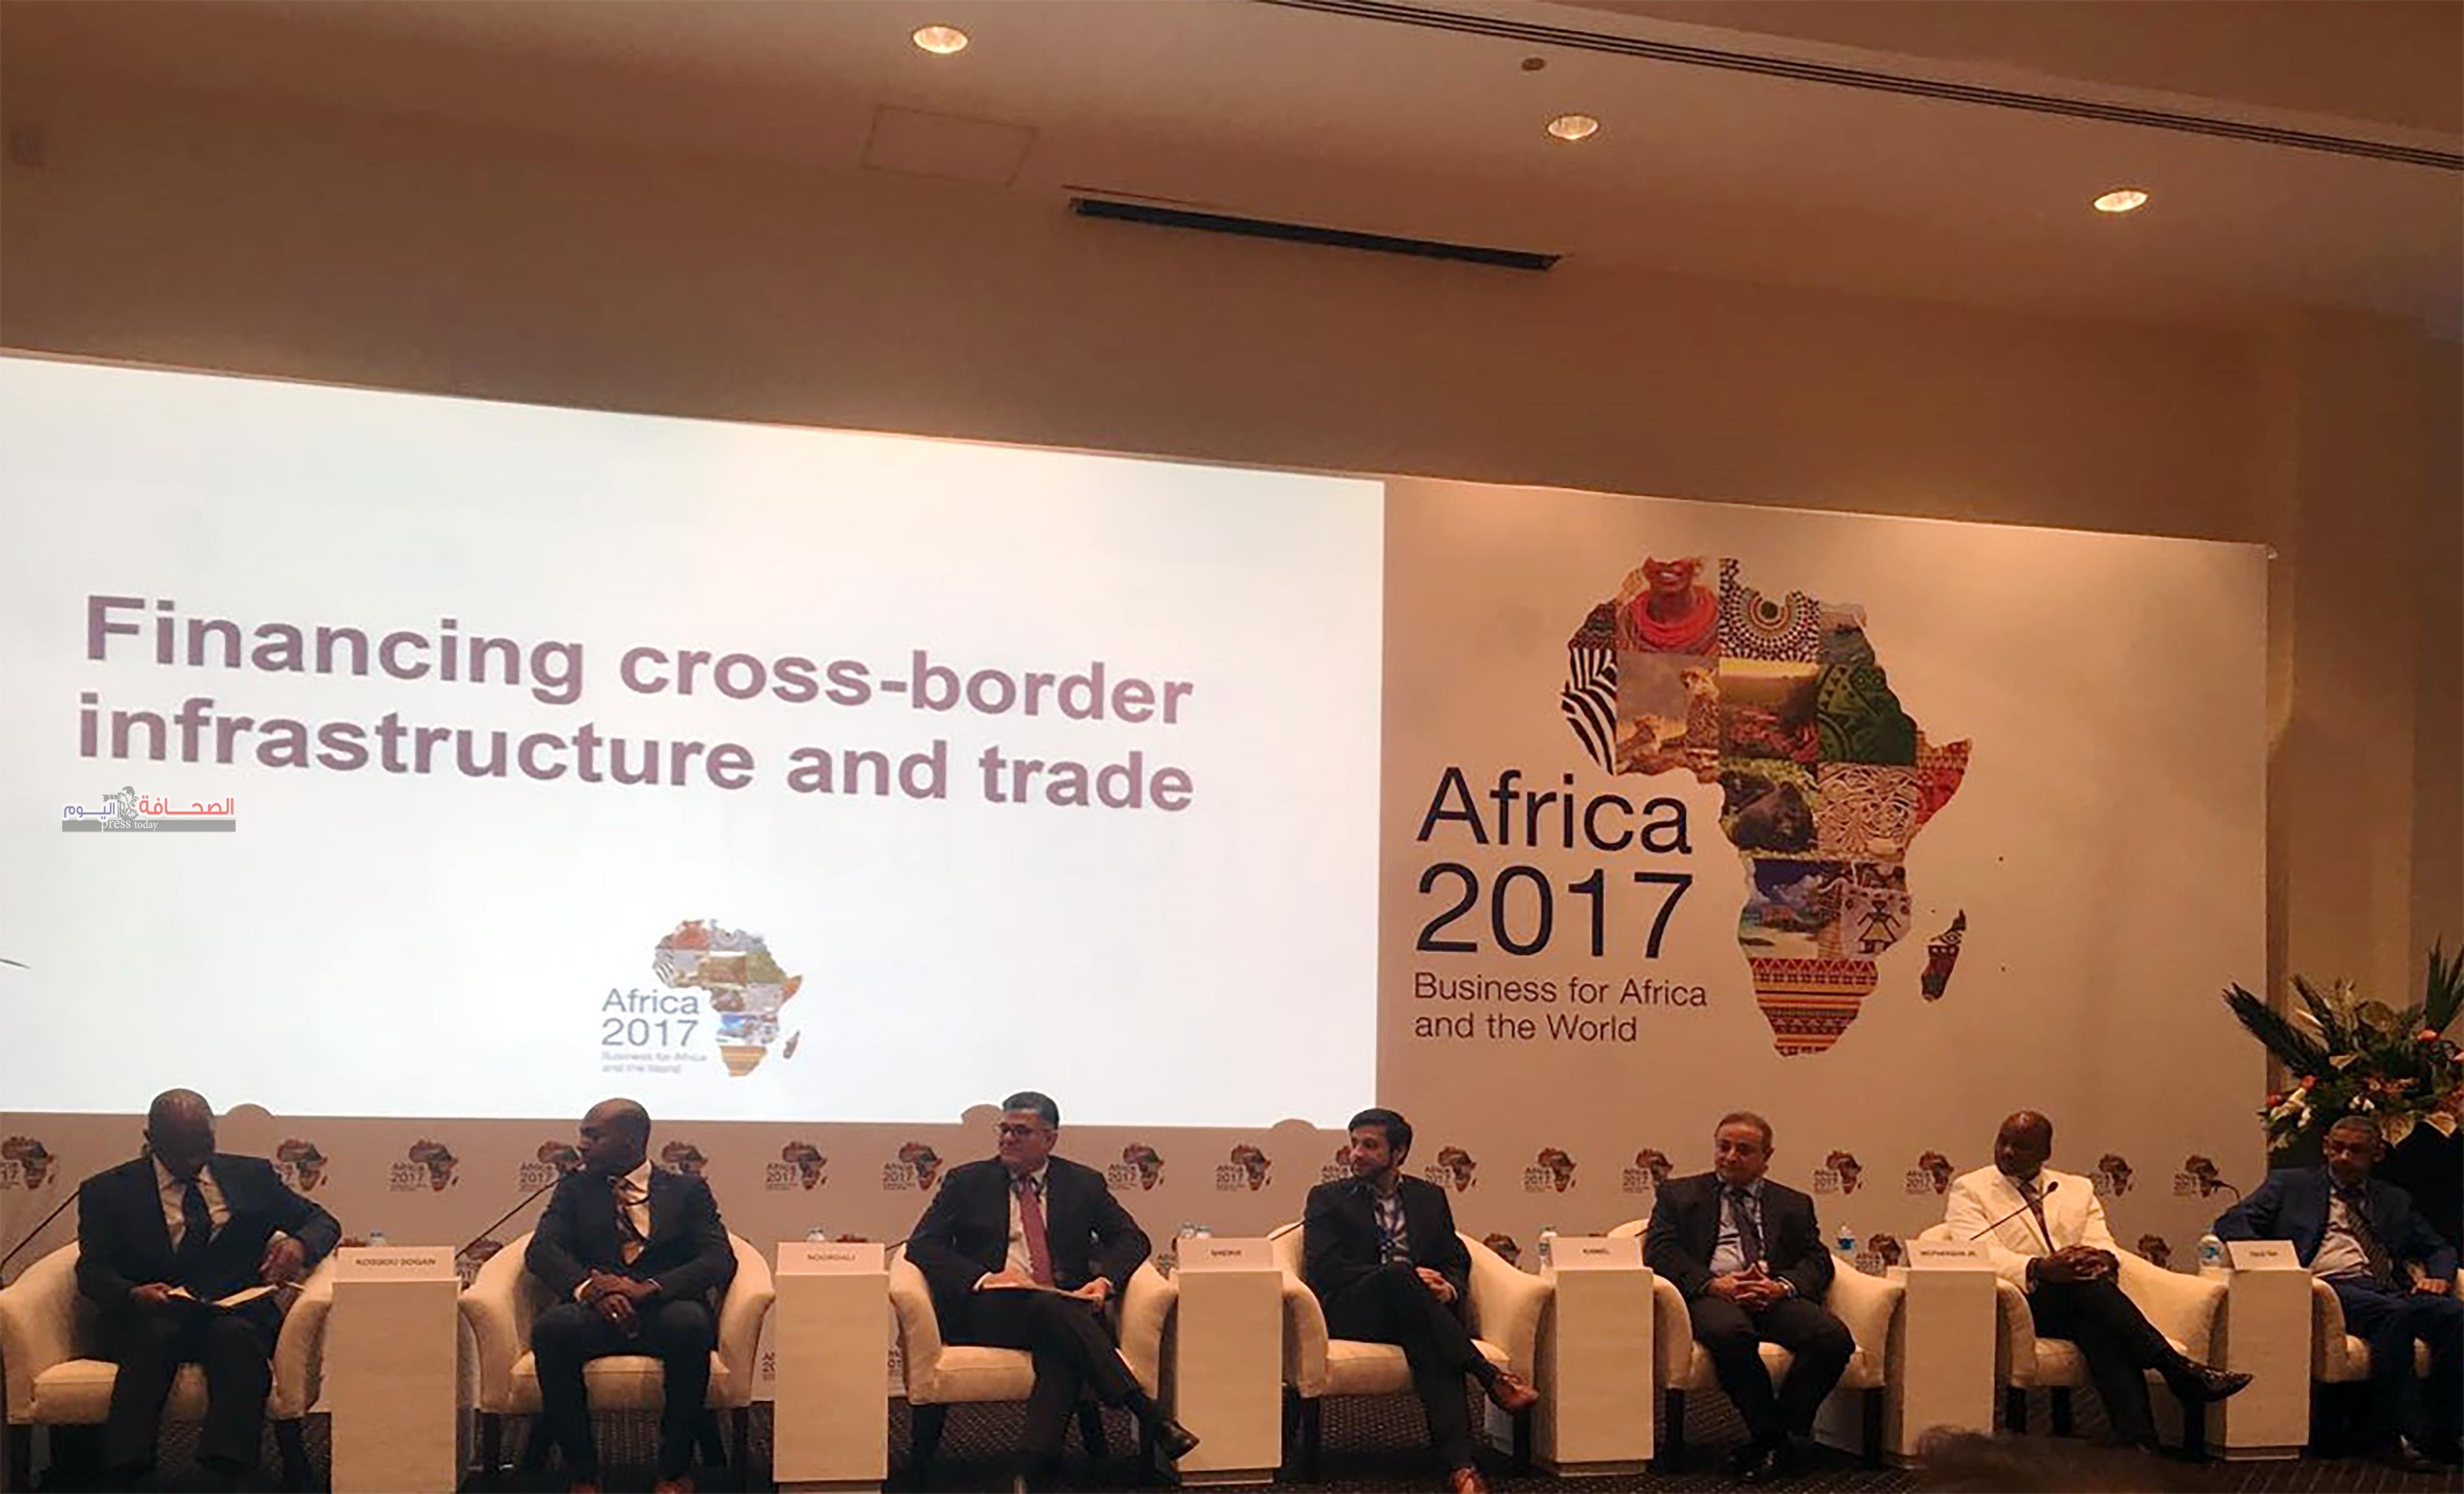 """المؤسسة الدولية الإسلامية لتمويل التجارة تشارك فى مؤتمر """" افريقيا 2017 """" بشرم الشيخ"""